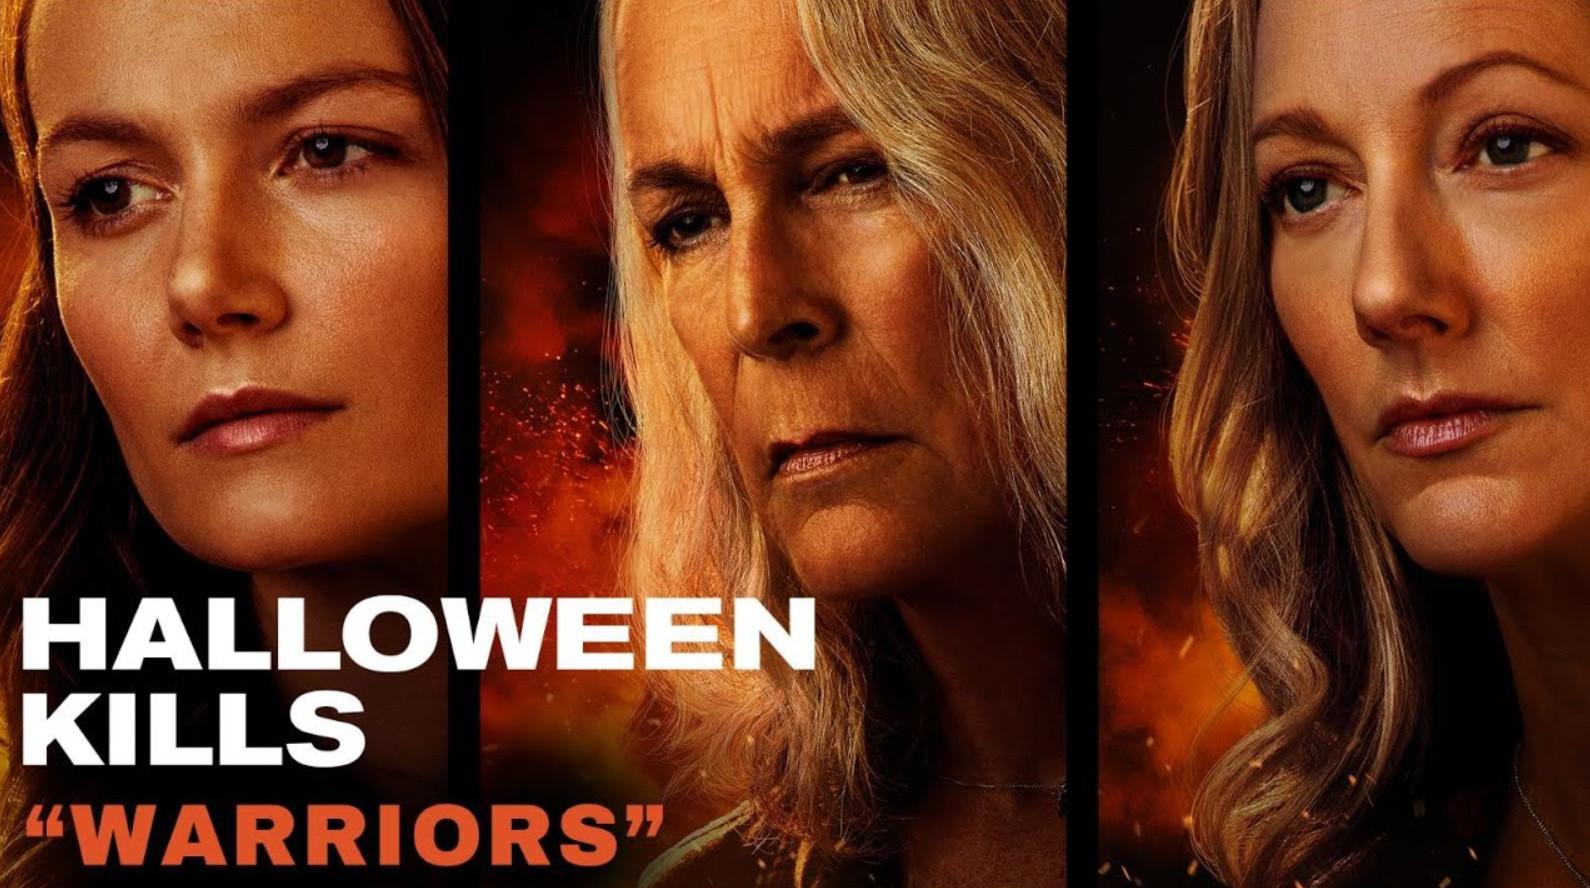 Halloween kills 'warriors' featurette in cinemas october 15